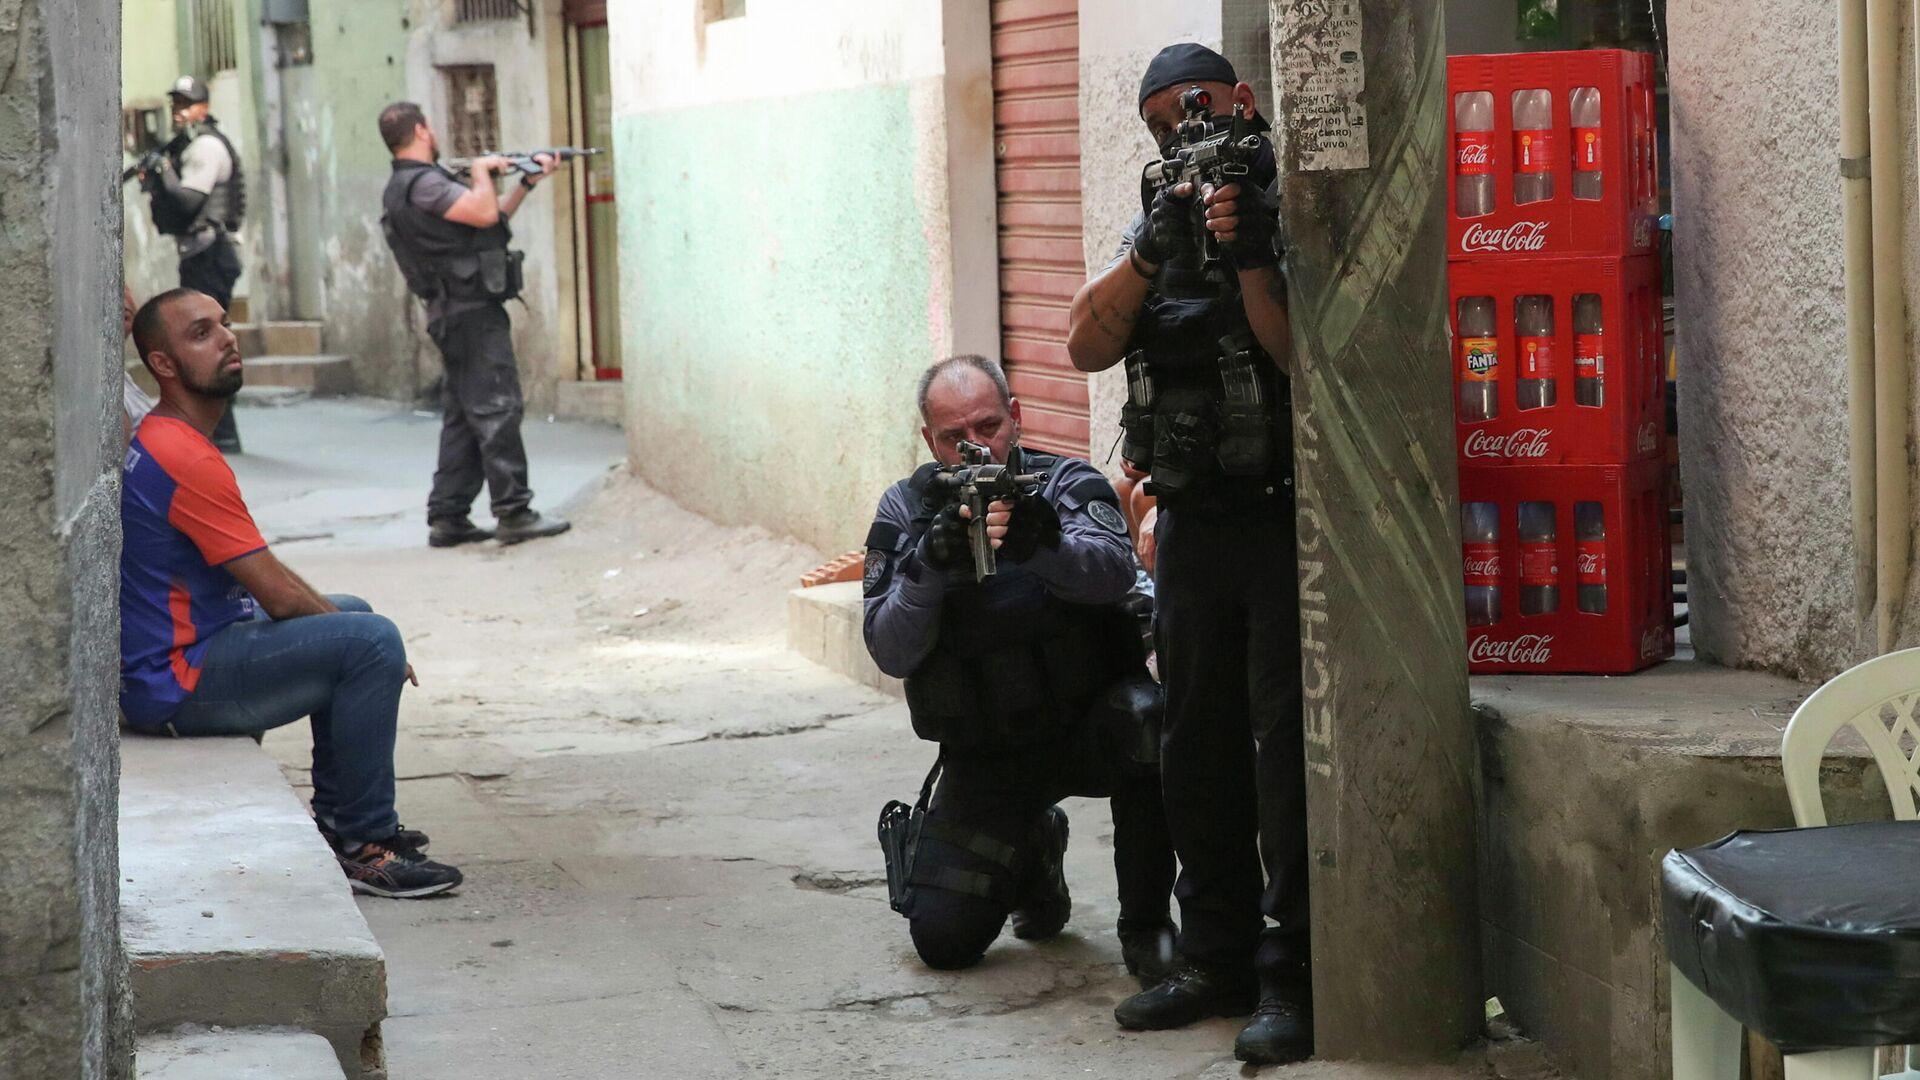 Полицейская операция по борьбе с незаконным оборотом наркотиков в районе Жакарезинью в Рио-де-Жанейро, Бразилия - РИА Новости, 1920, 07.05.2021